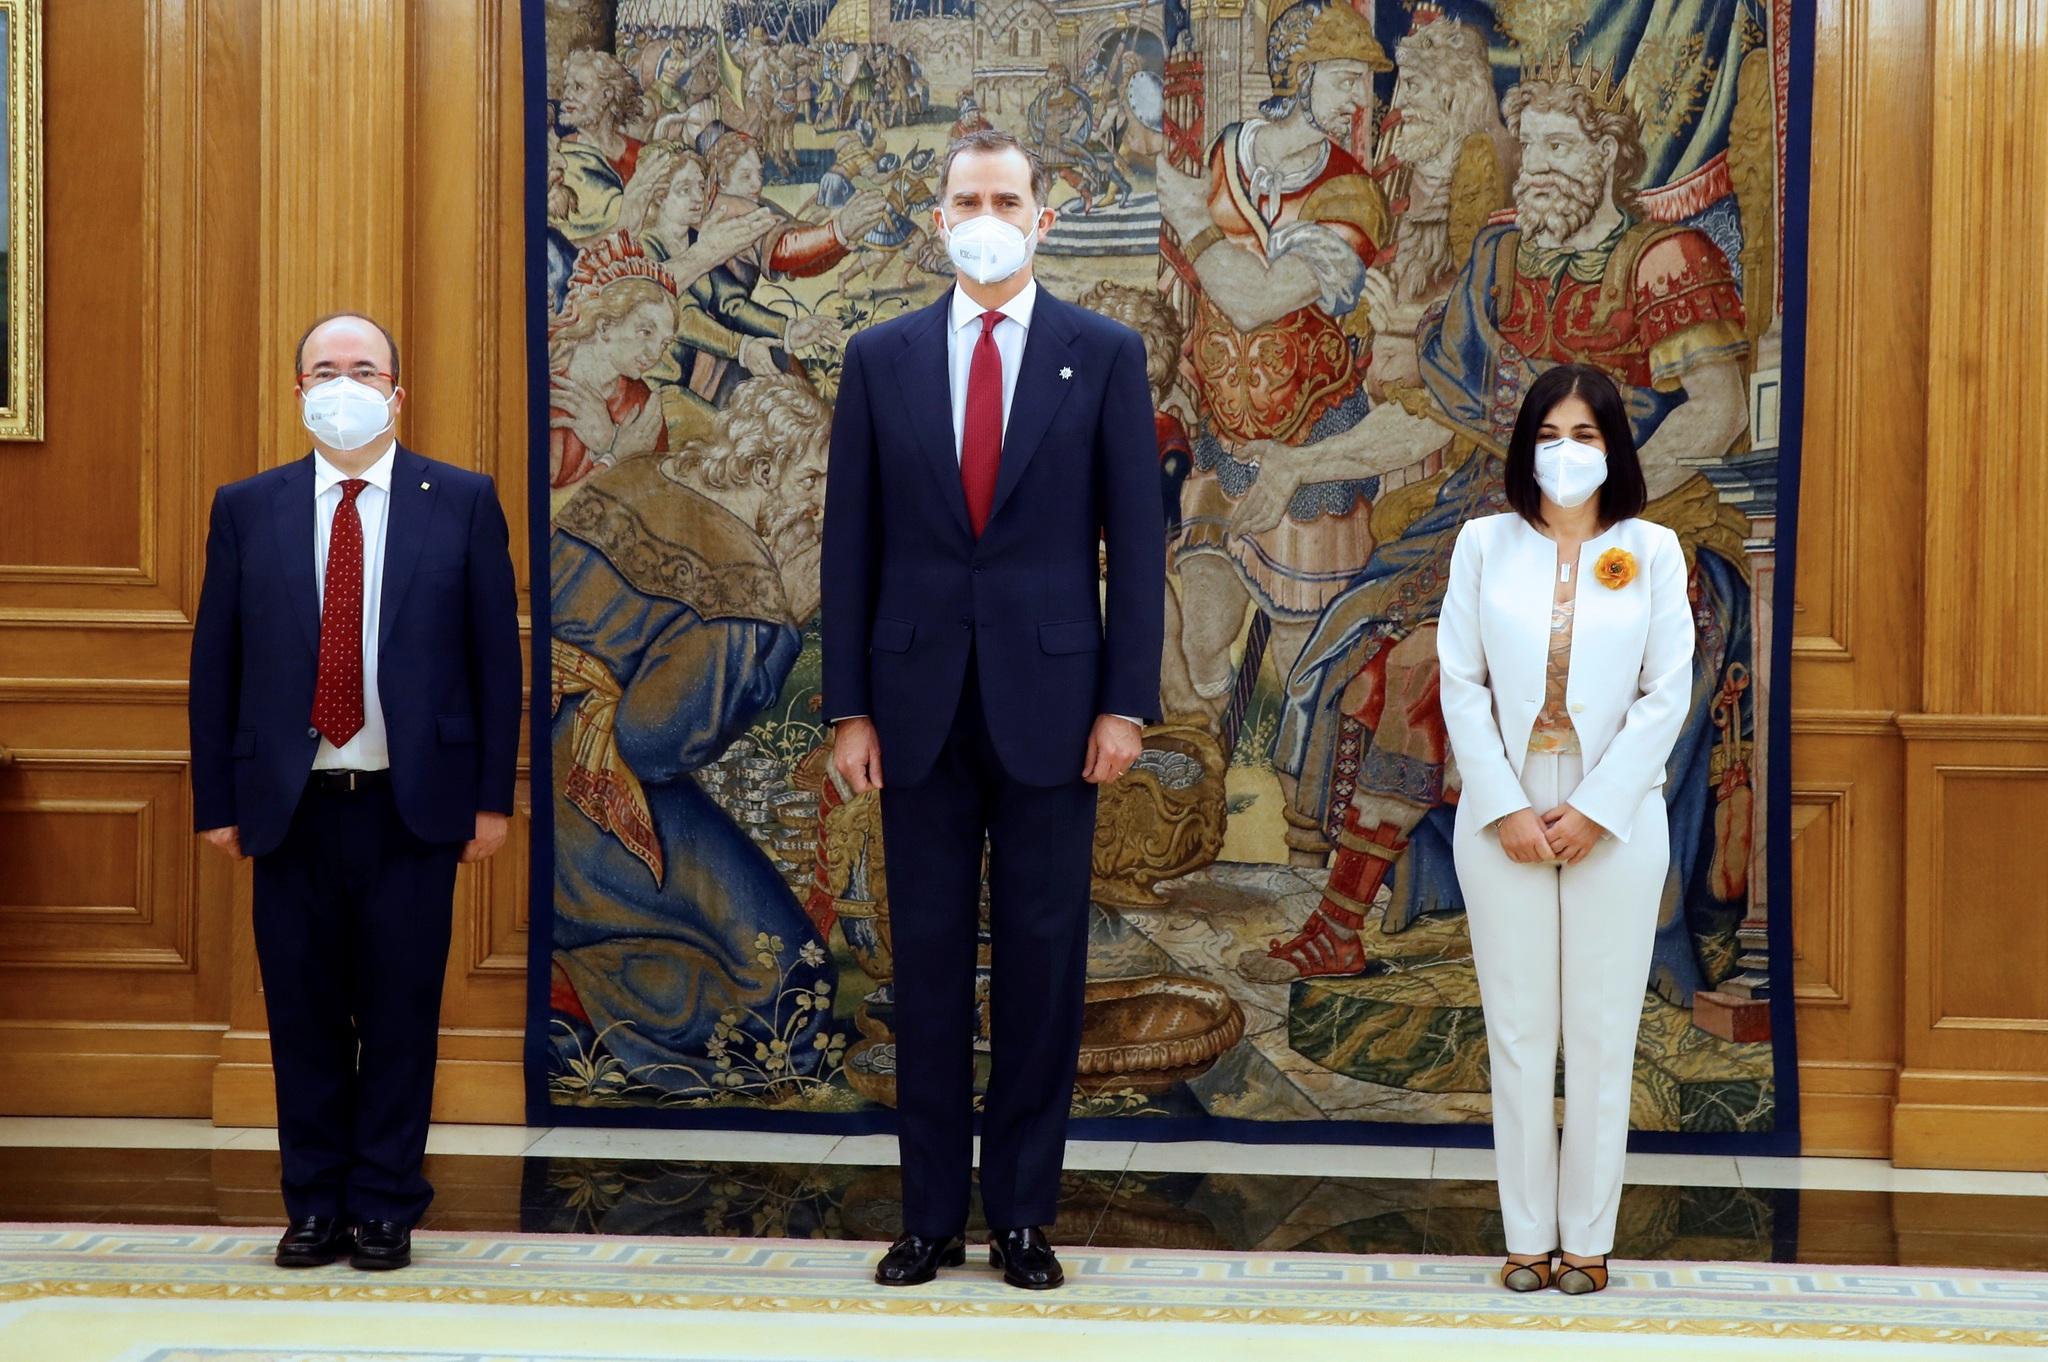 El miércoles pasado el Rey presidió el acto en el que prometieron como ministros Carolina Darias y Miquel Iceta